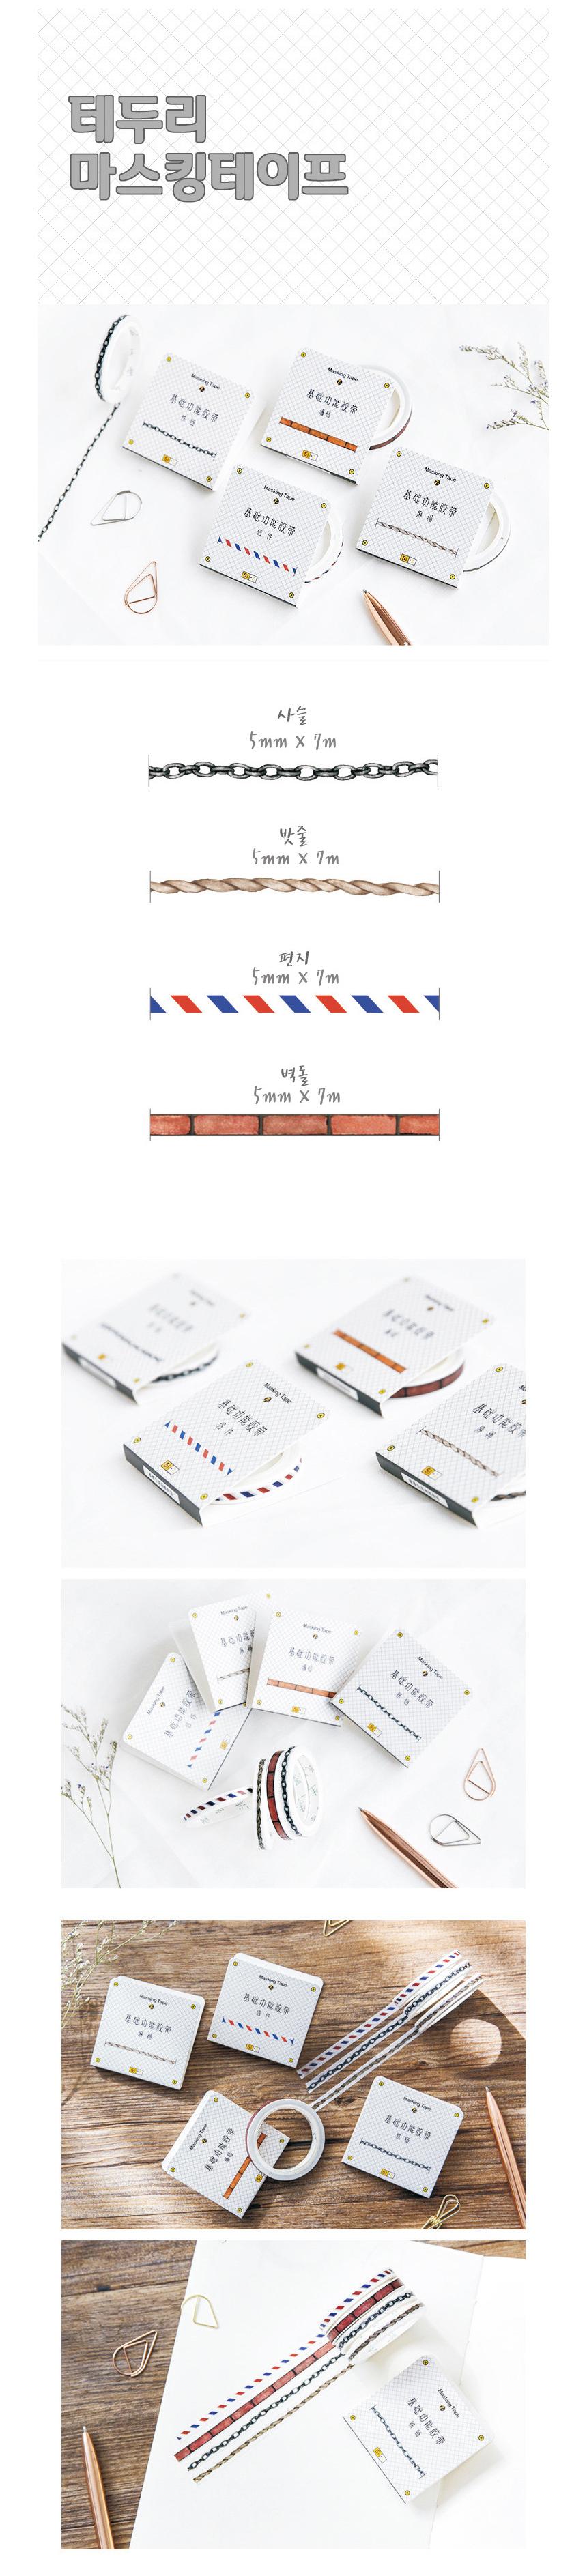 테두리 마스킹테이프 4종 - 띠딴잡화점, 1,500원, 마스킹 테이프, 종이 마스킹테이프